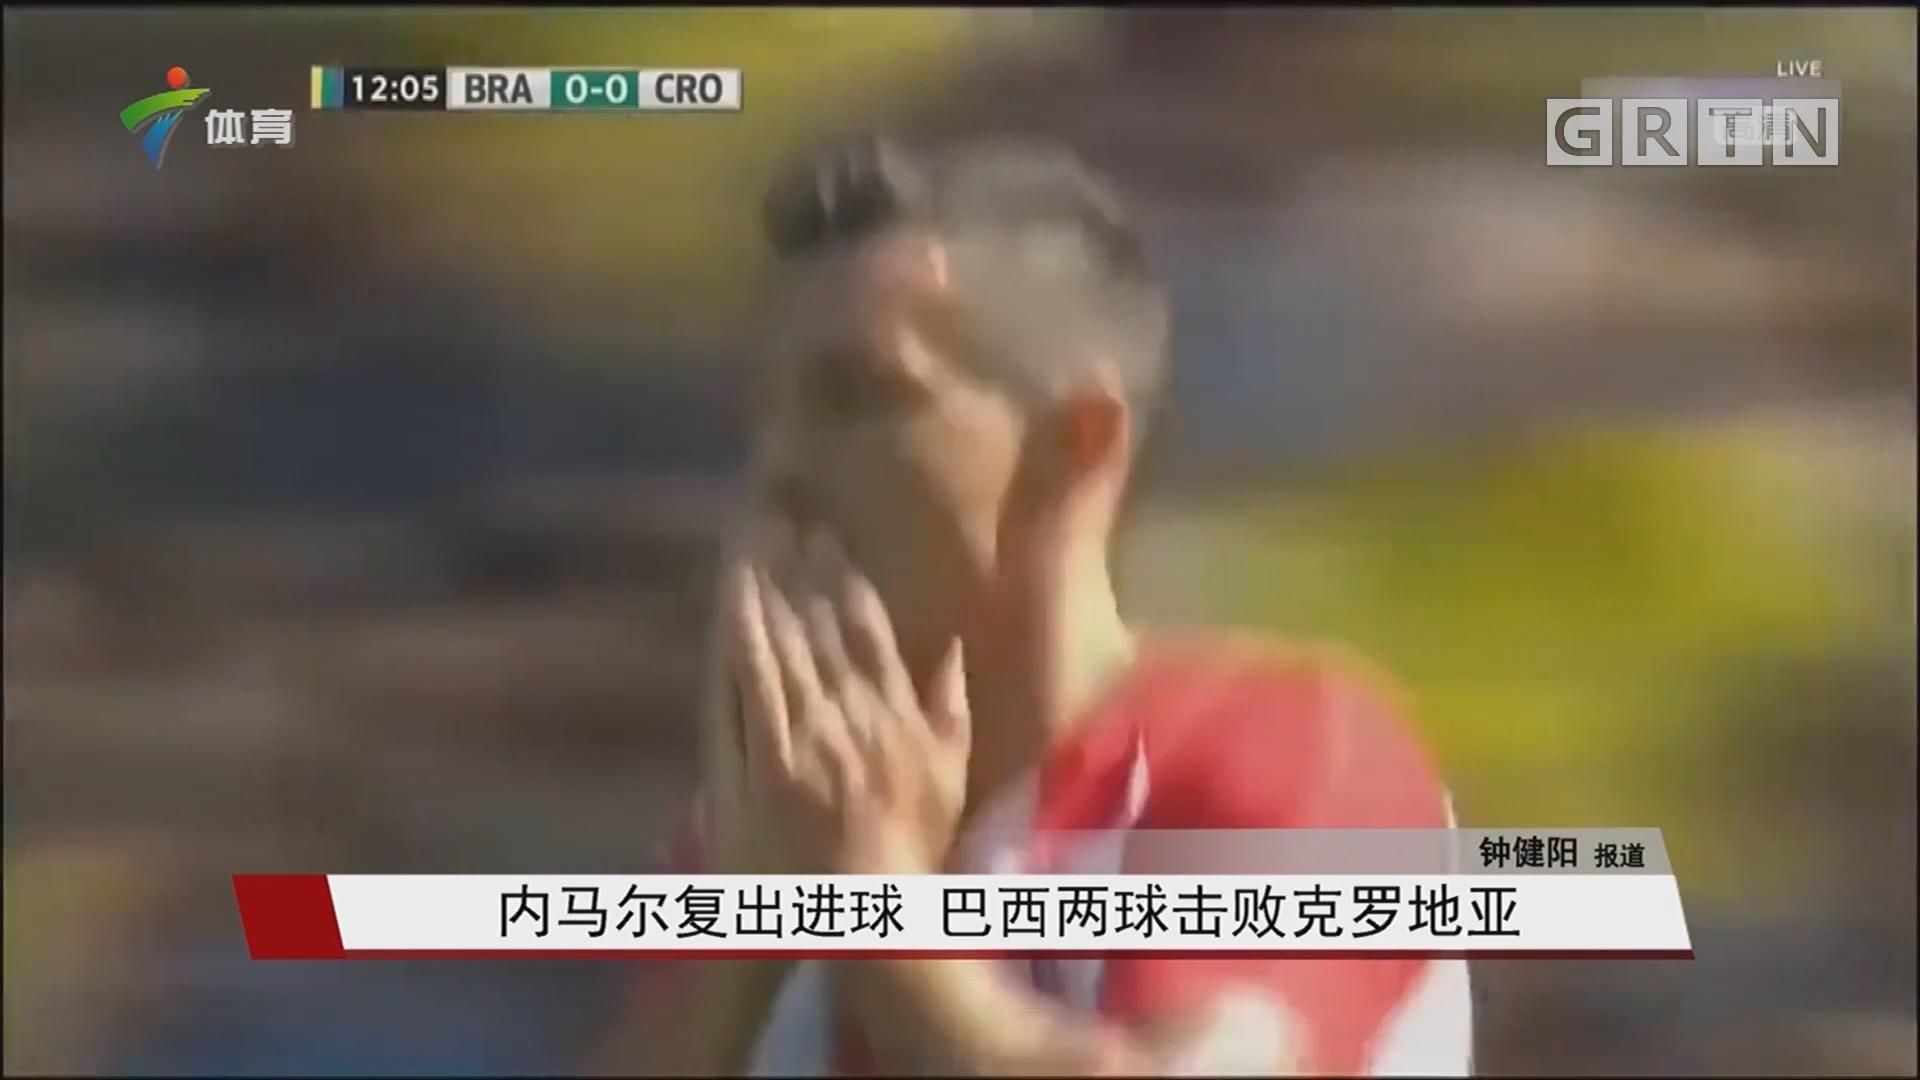 内马尔复出进球 巴西两球击败克罗地亚